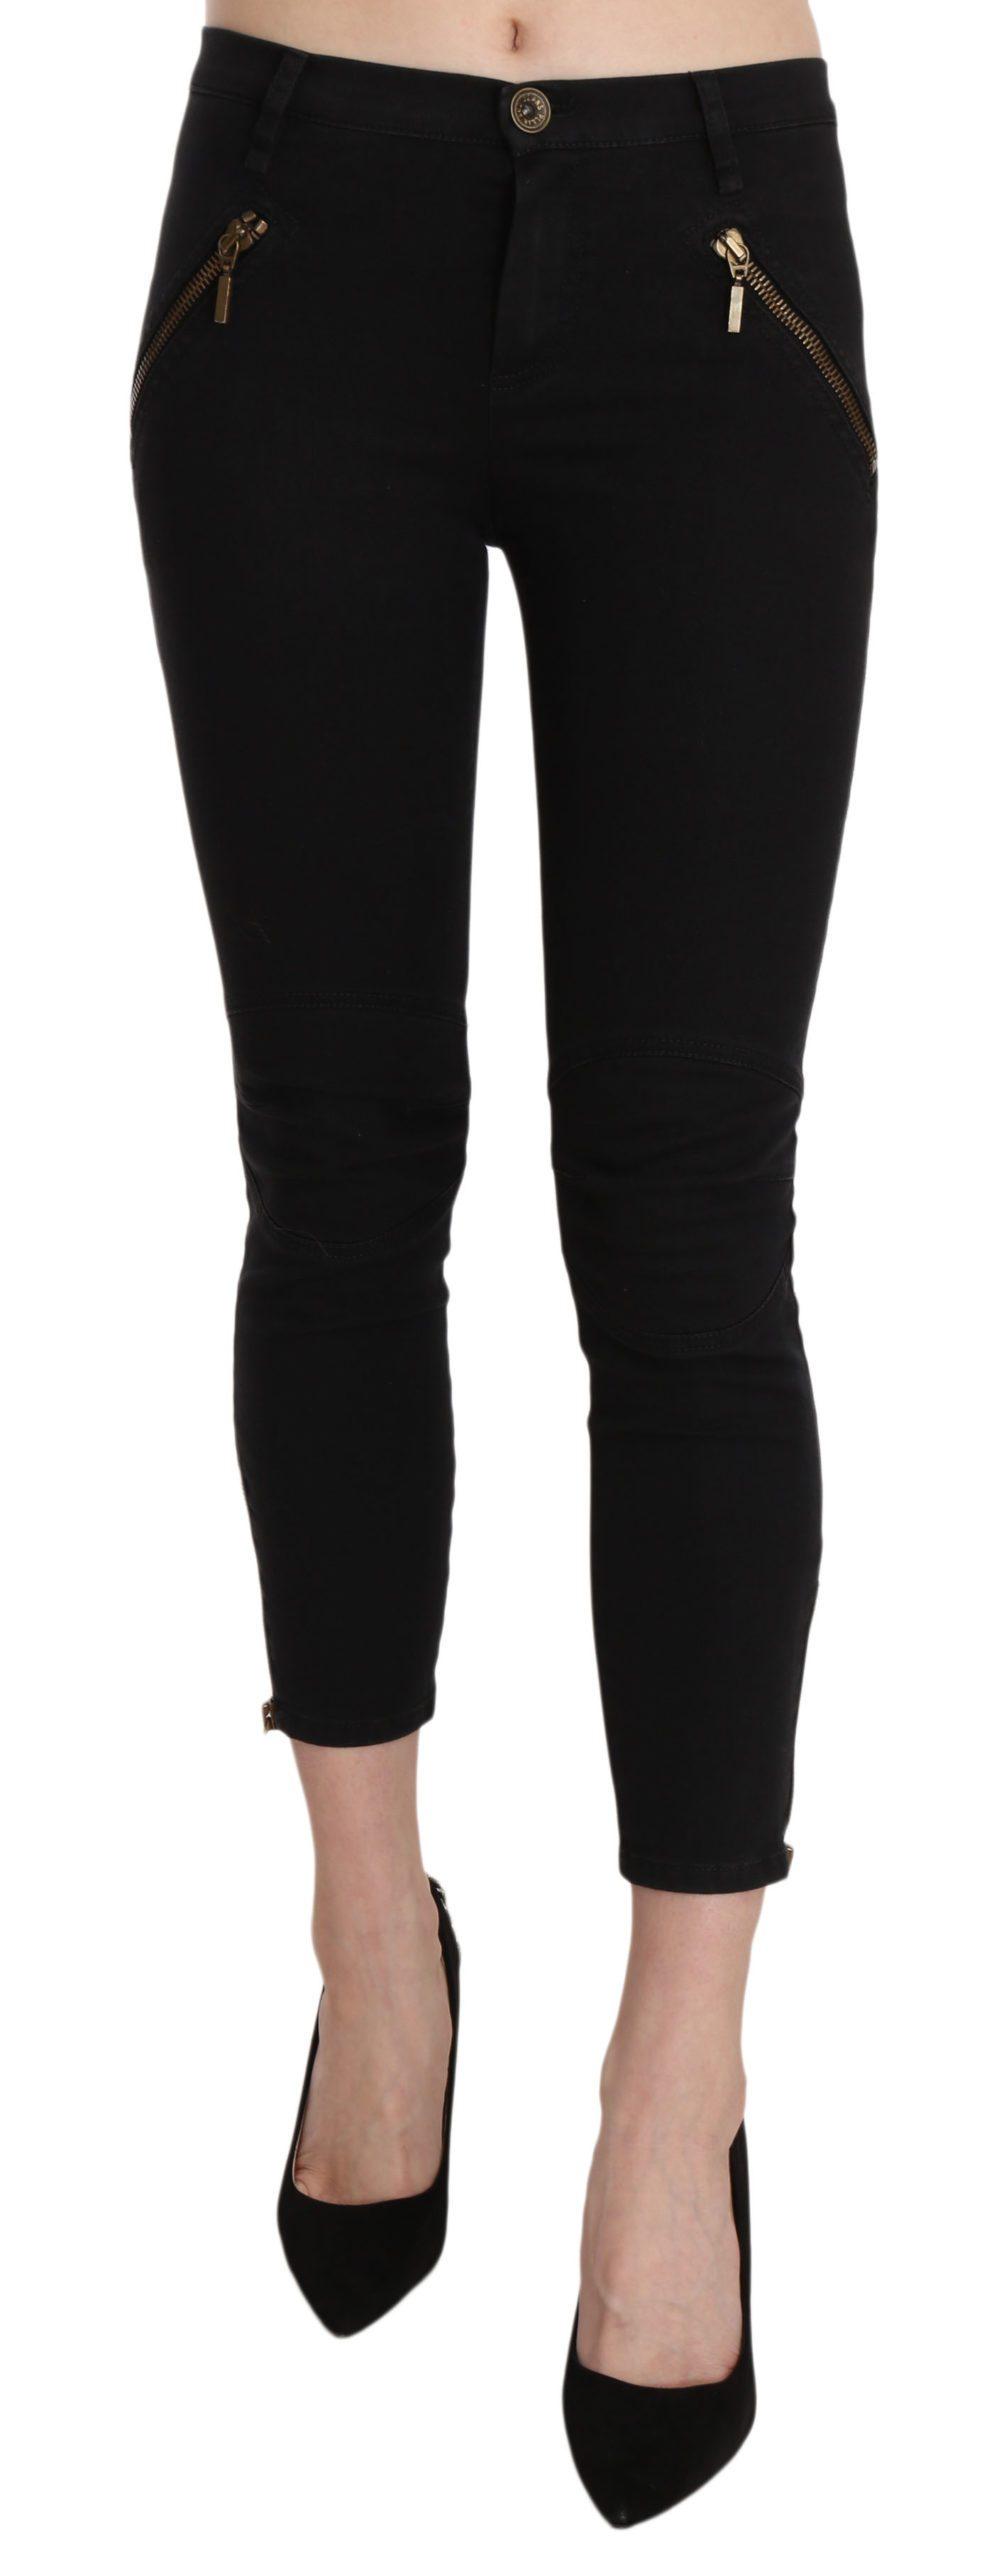 PLEIN SUD Women's Low Waist Skinny Cropped Trouser Black PAN70251 - IT36   XS